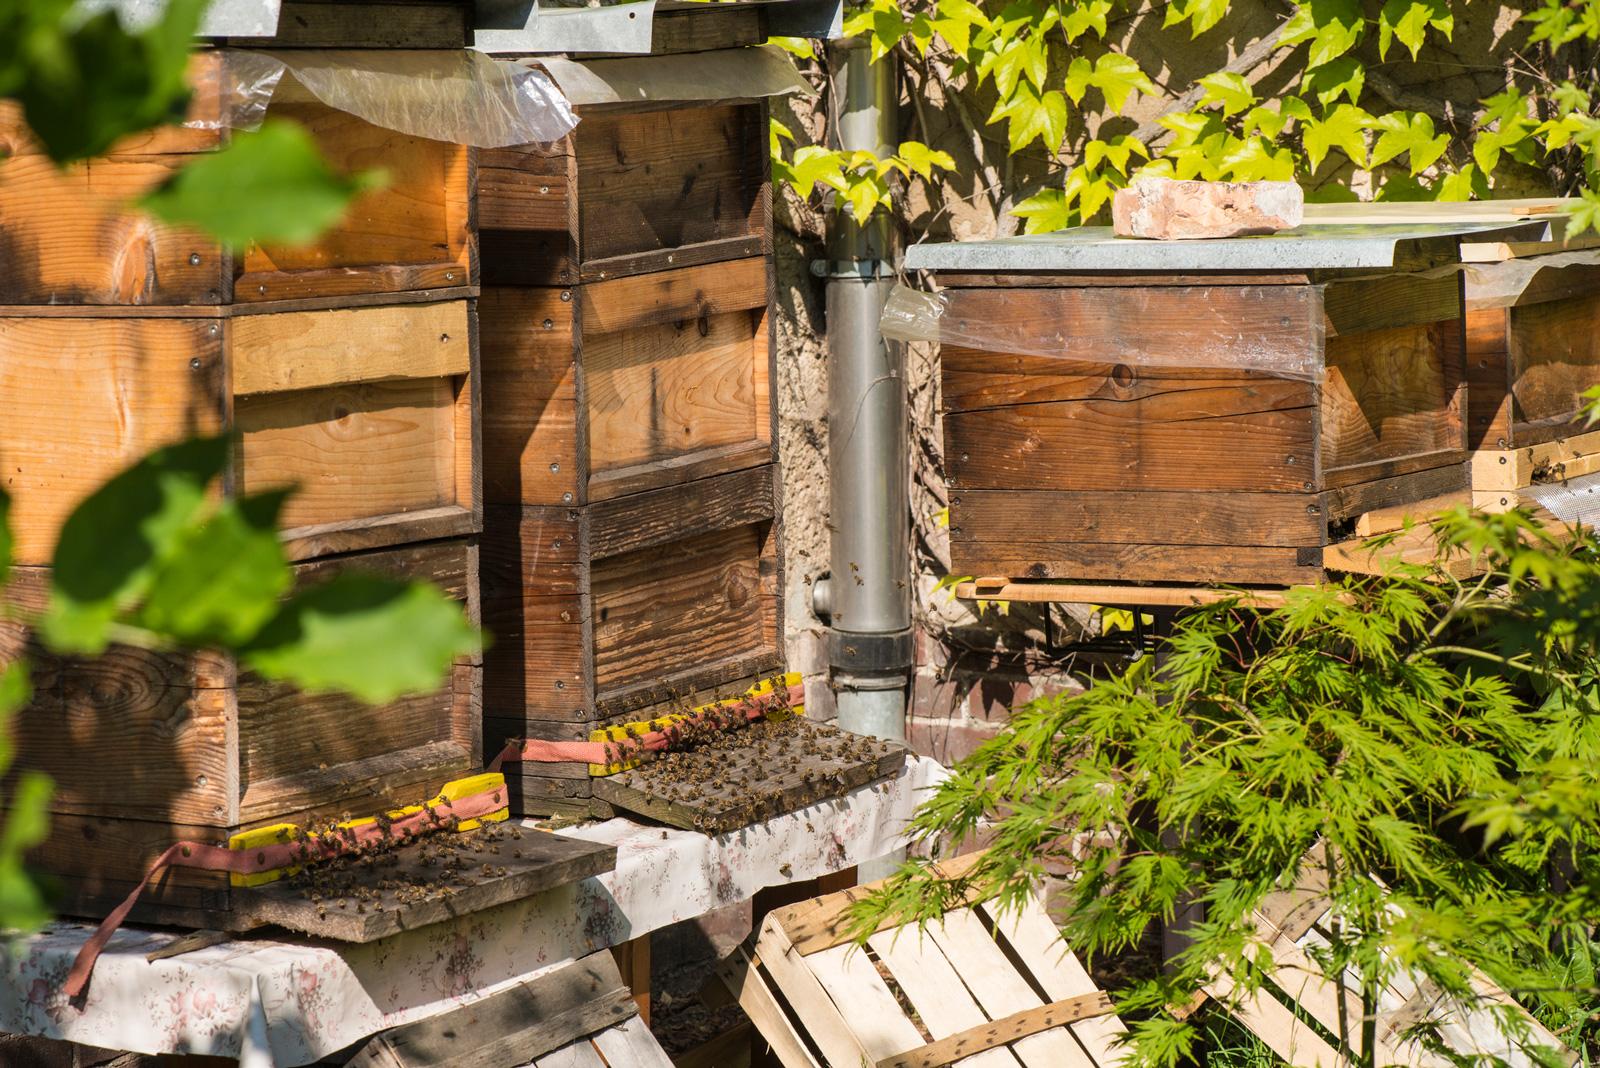 Bienenstöcke im Garten